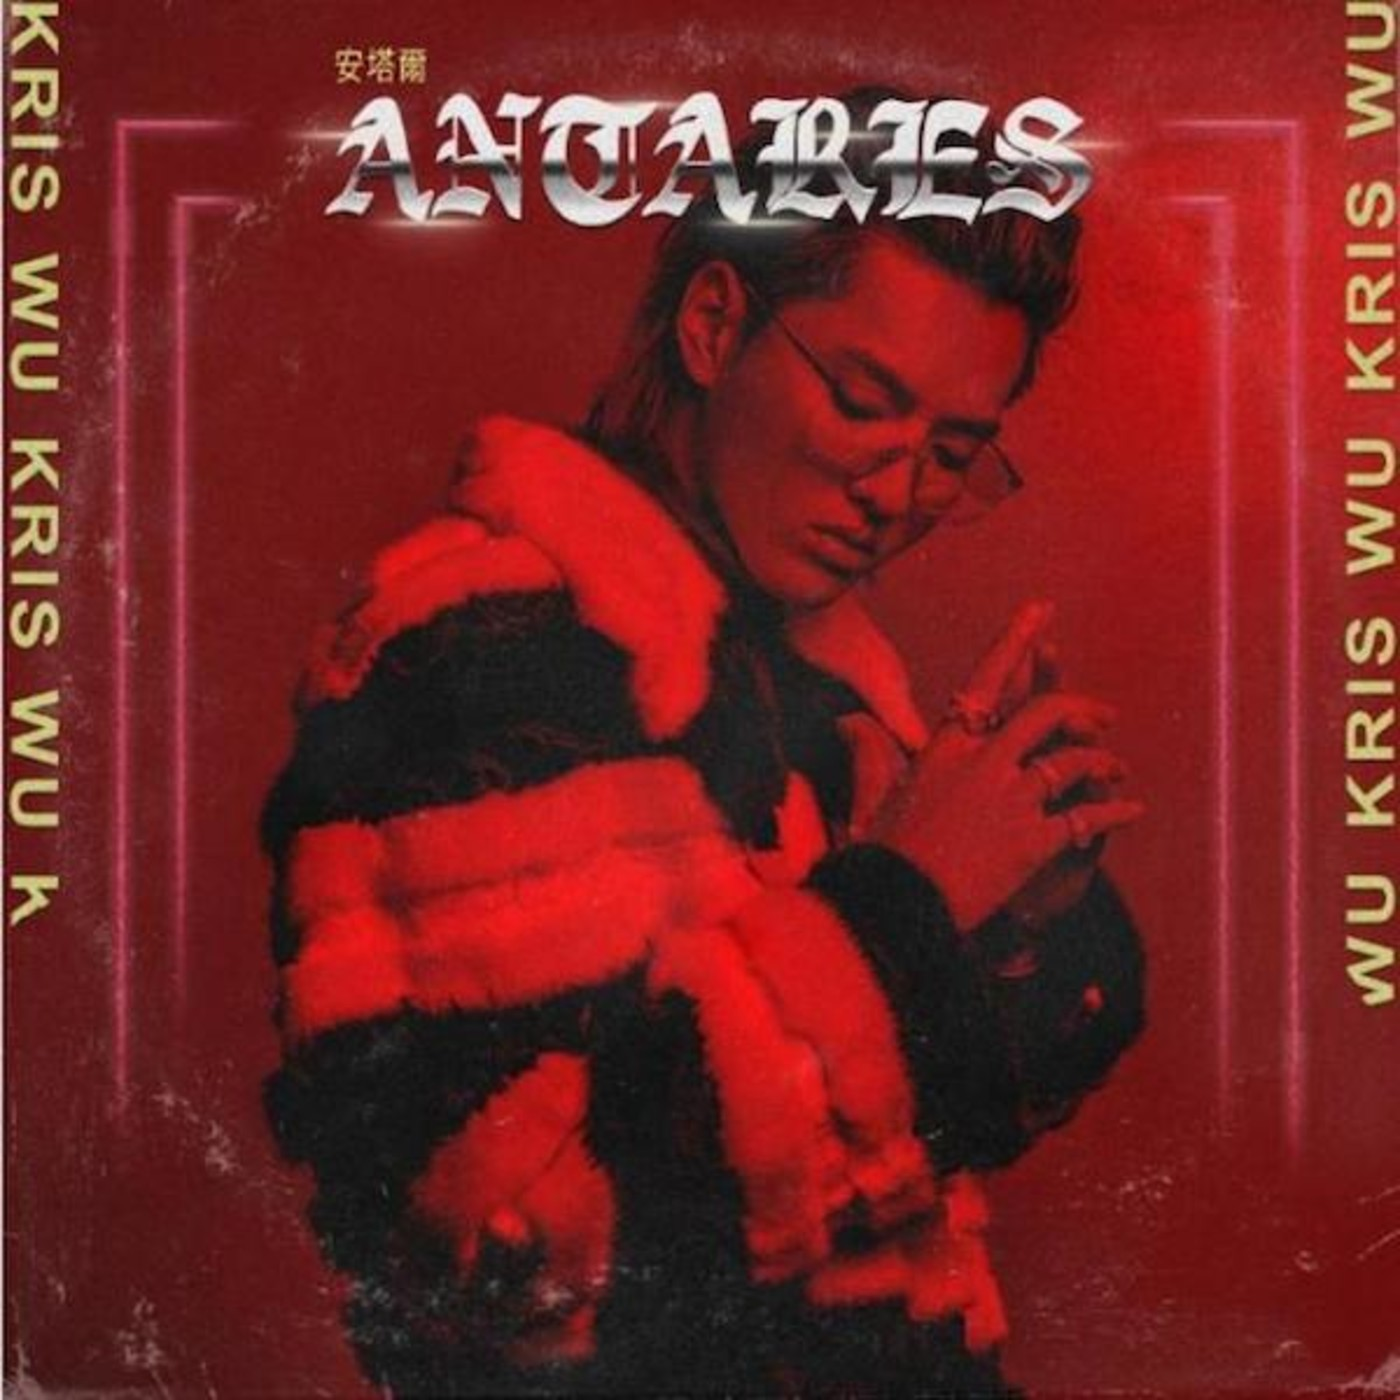 Kris Wu 'Antares'